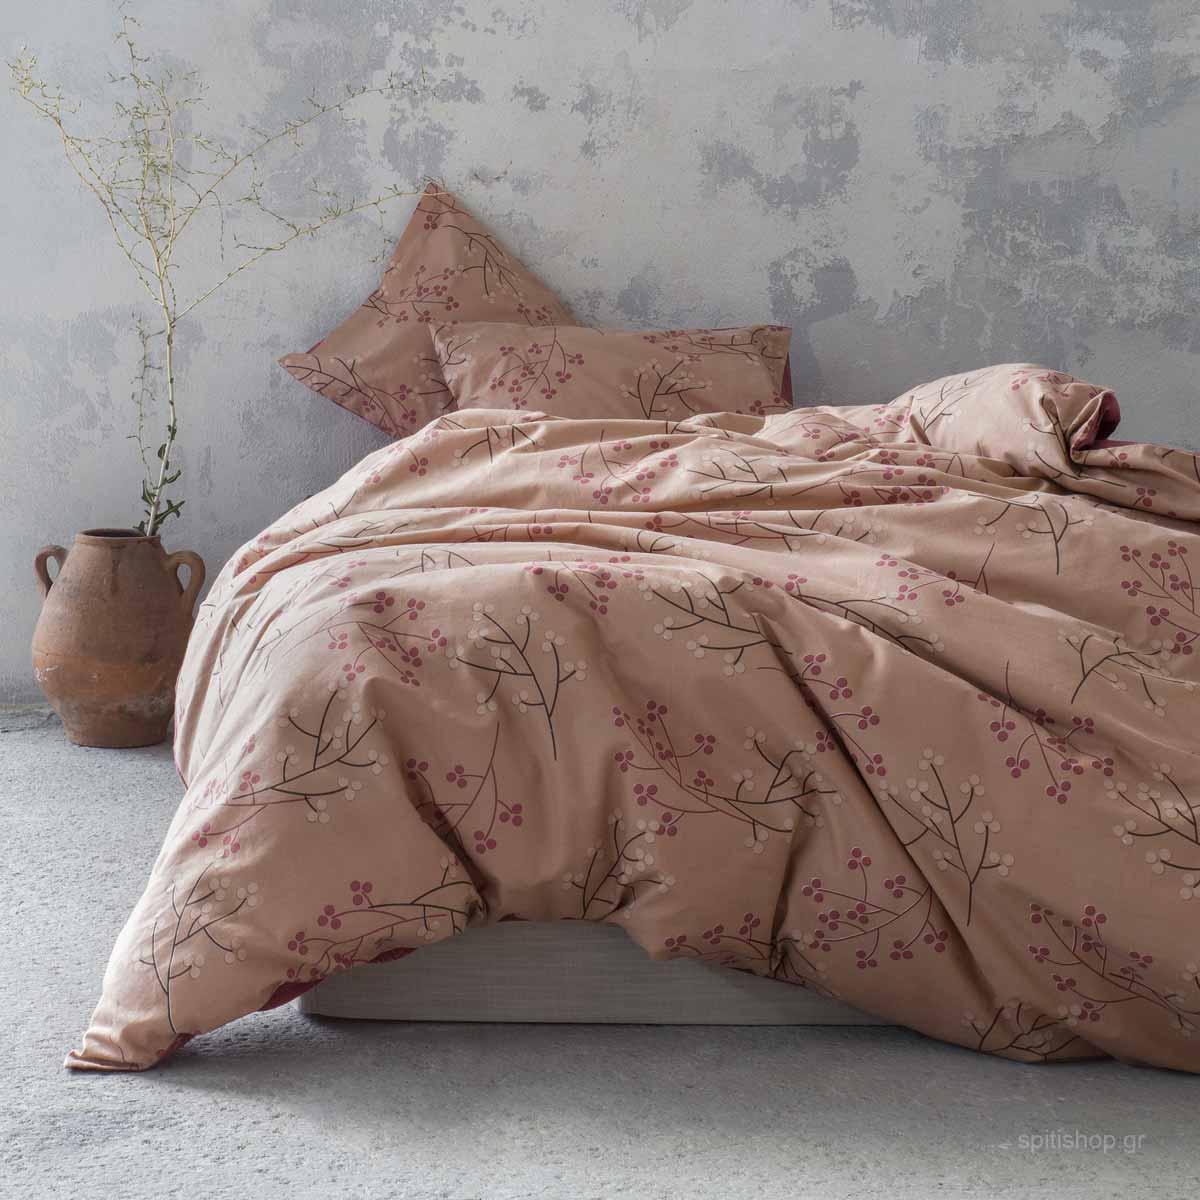 Φανελένια Σεντόνια King Size (Σετ) Nima Bed Linen Clementia